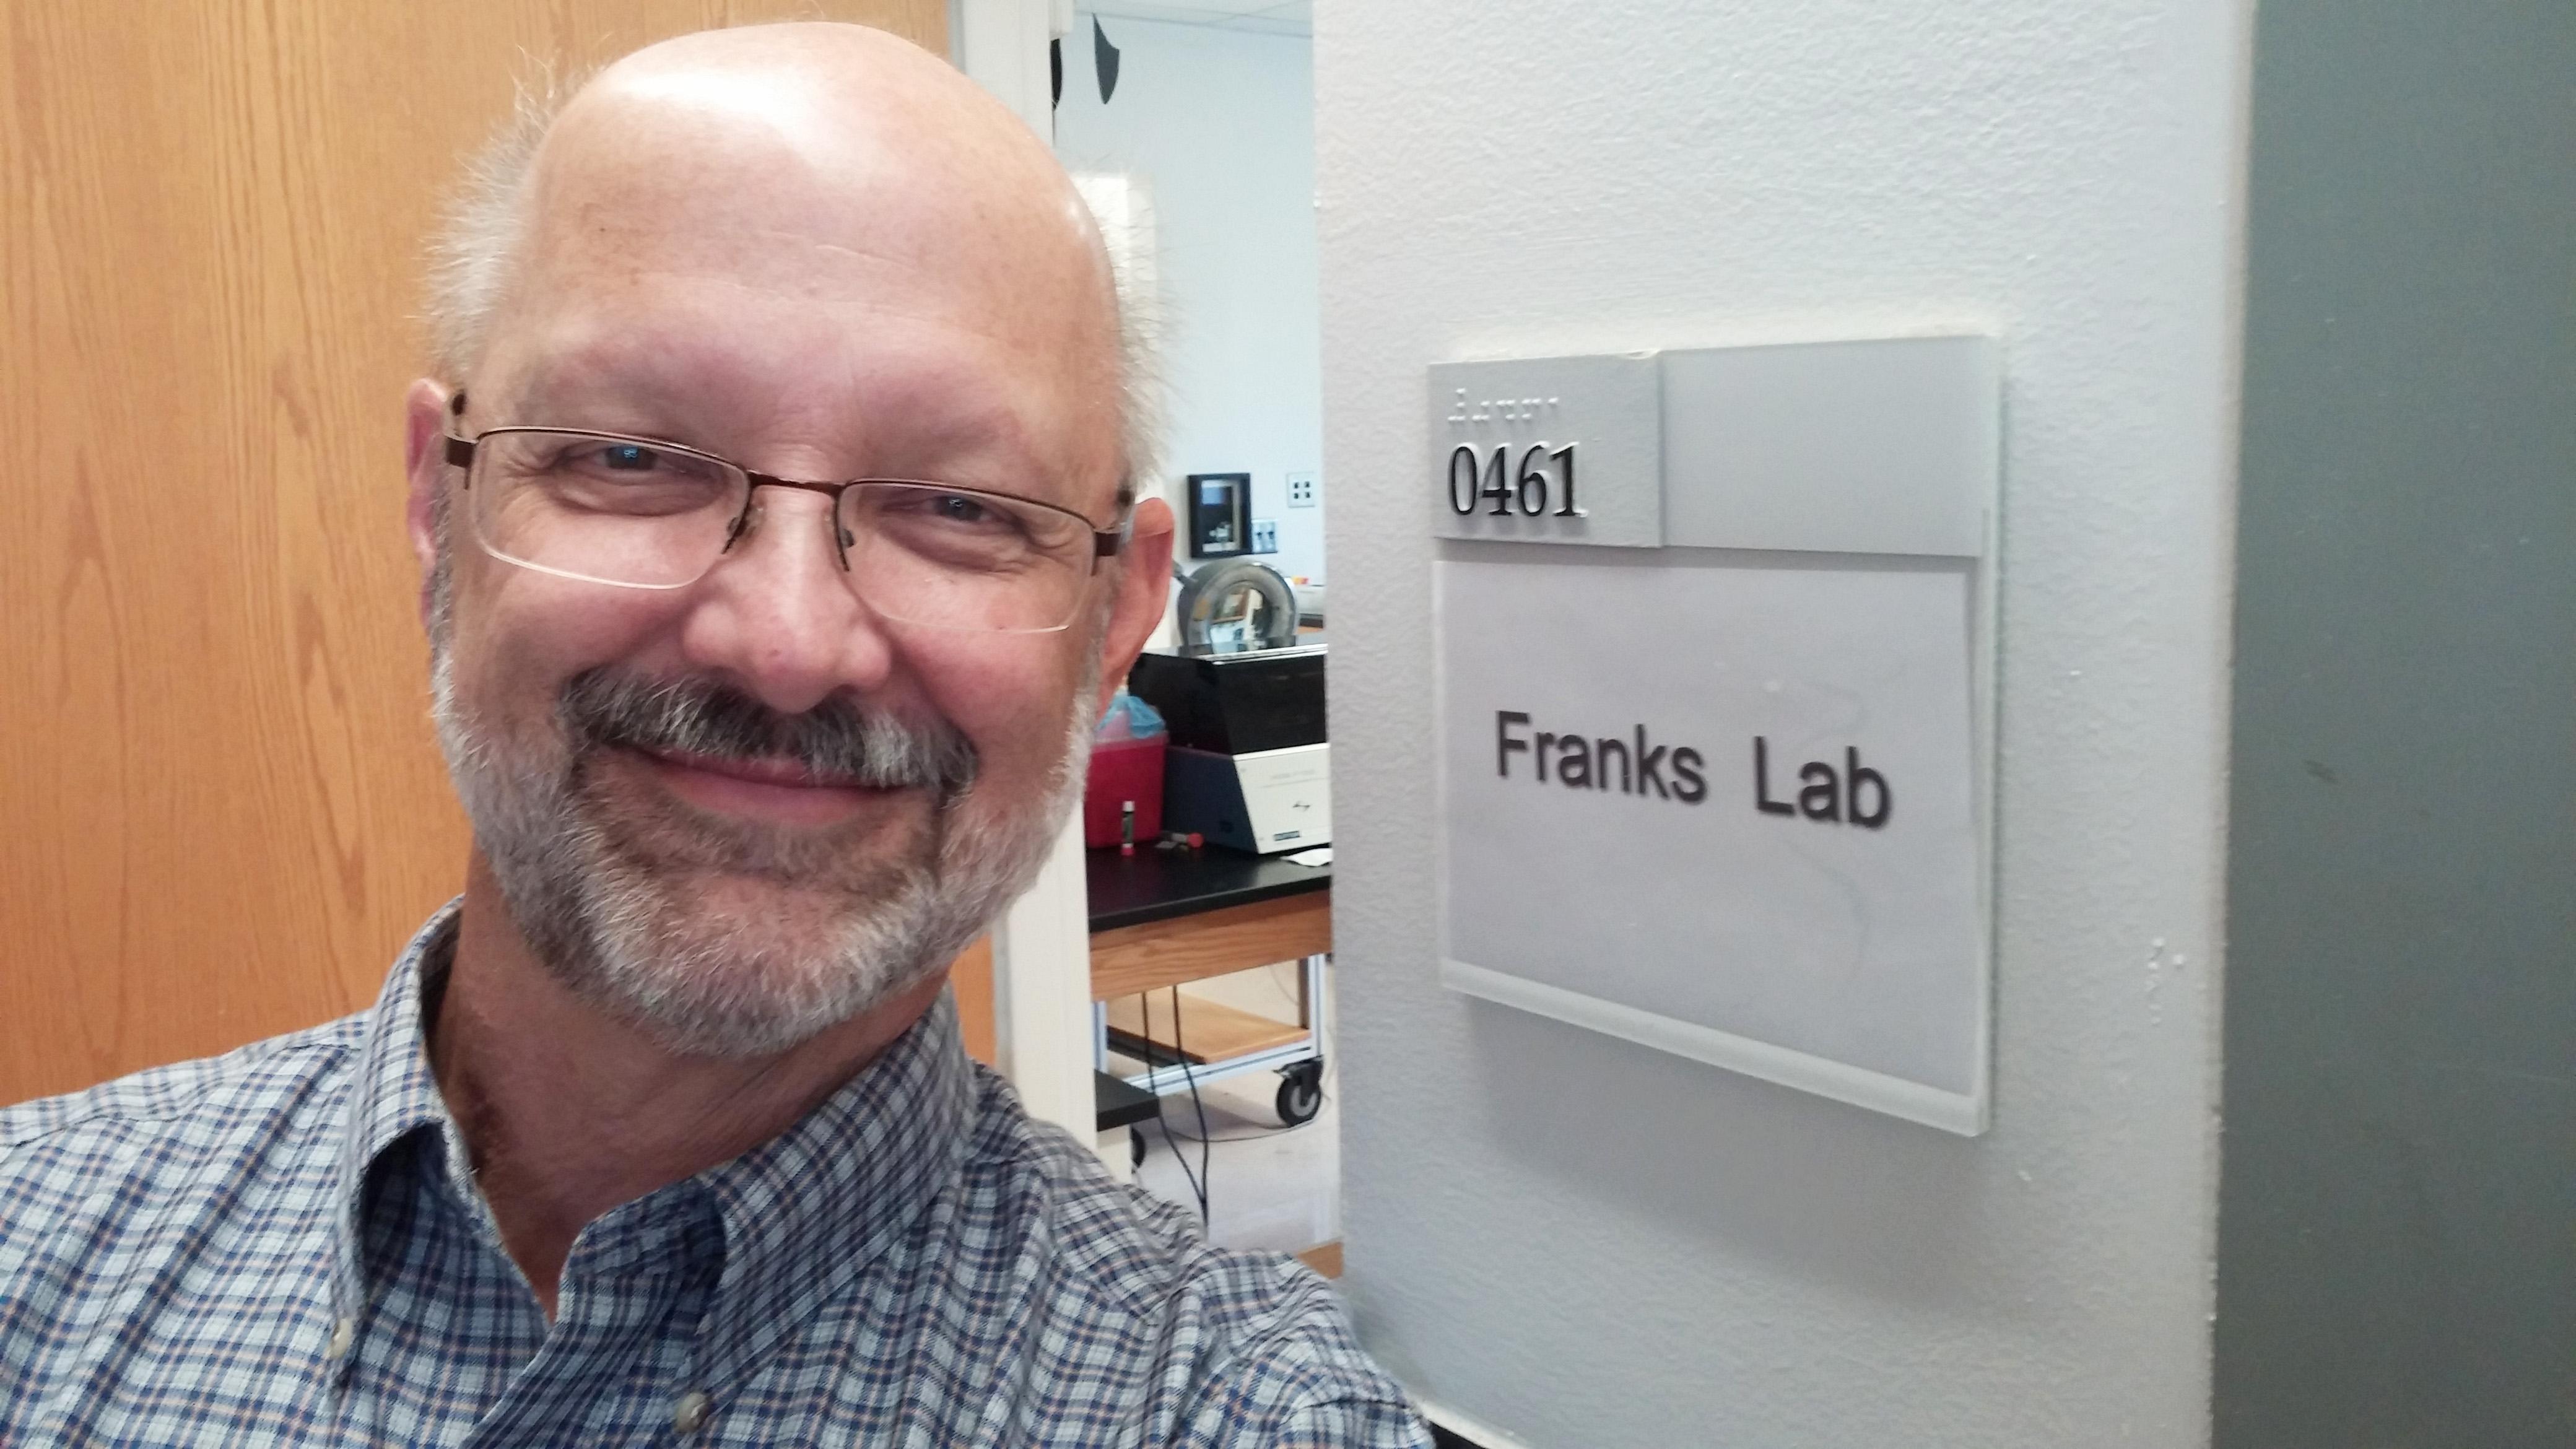 Host: Frank Graff